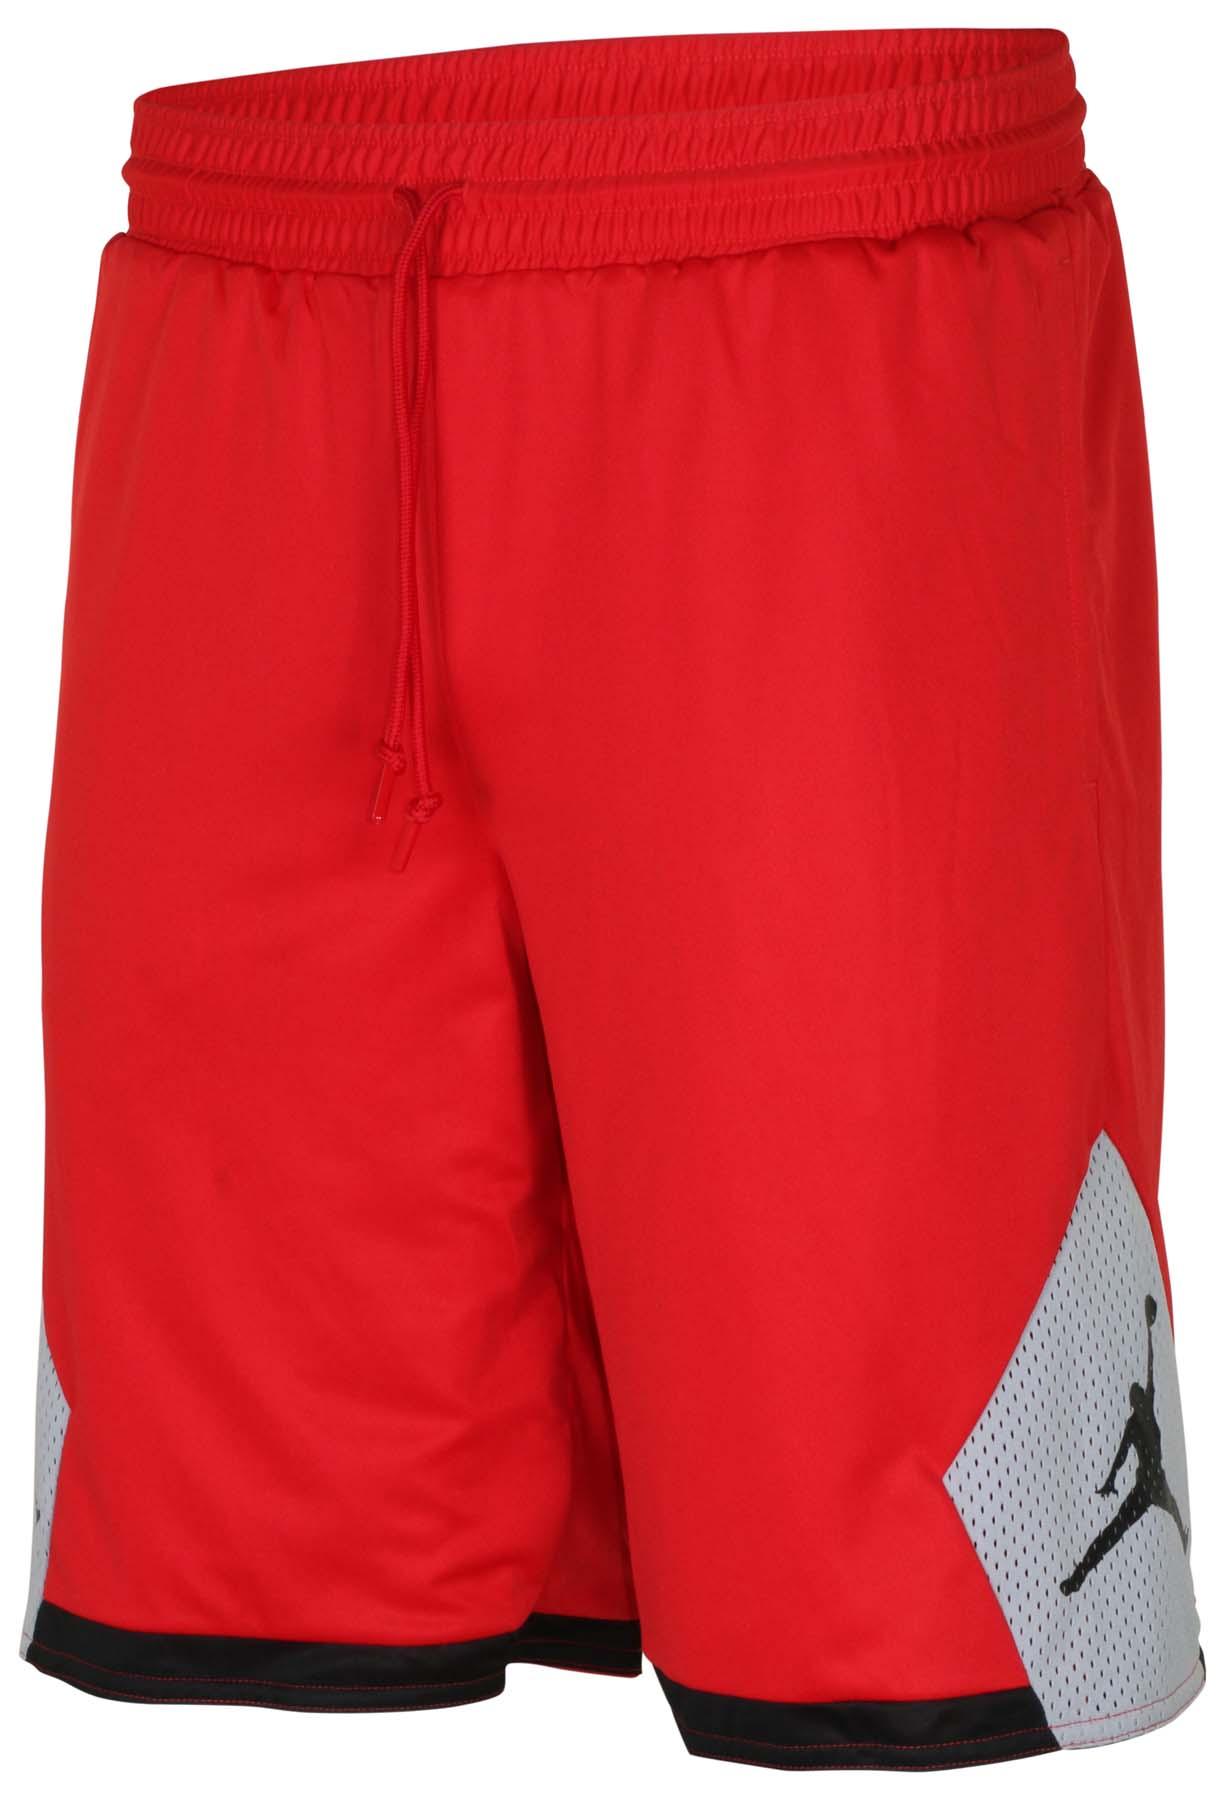 6195294054f0 Jordan Men s Nike AJ V 5 Reversible Basketball Shorts